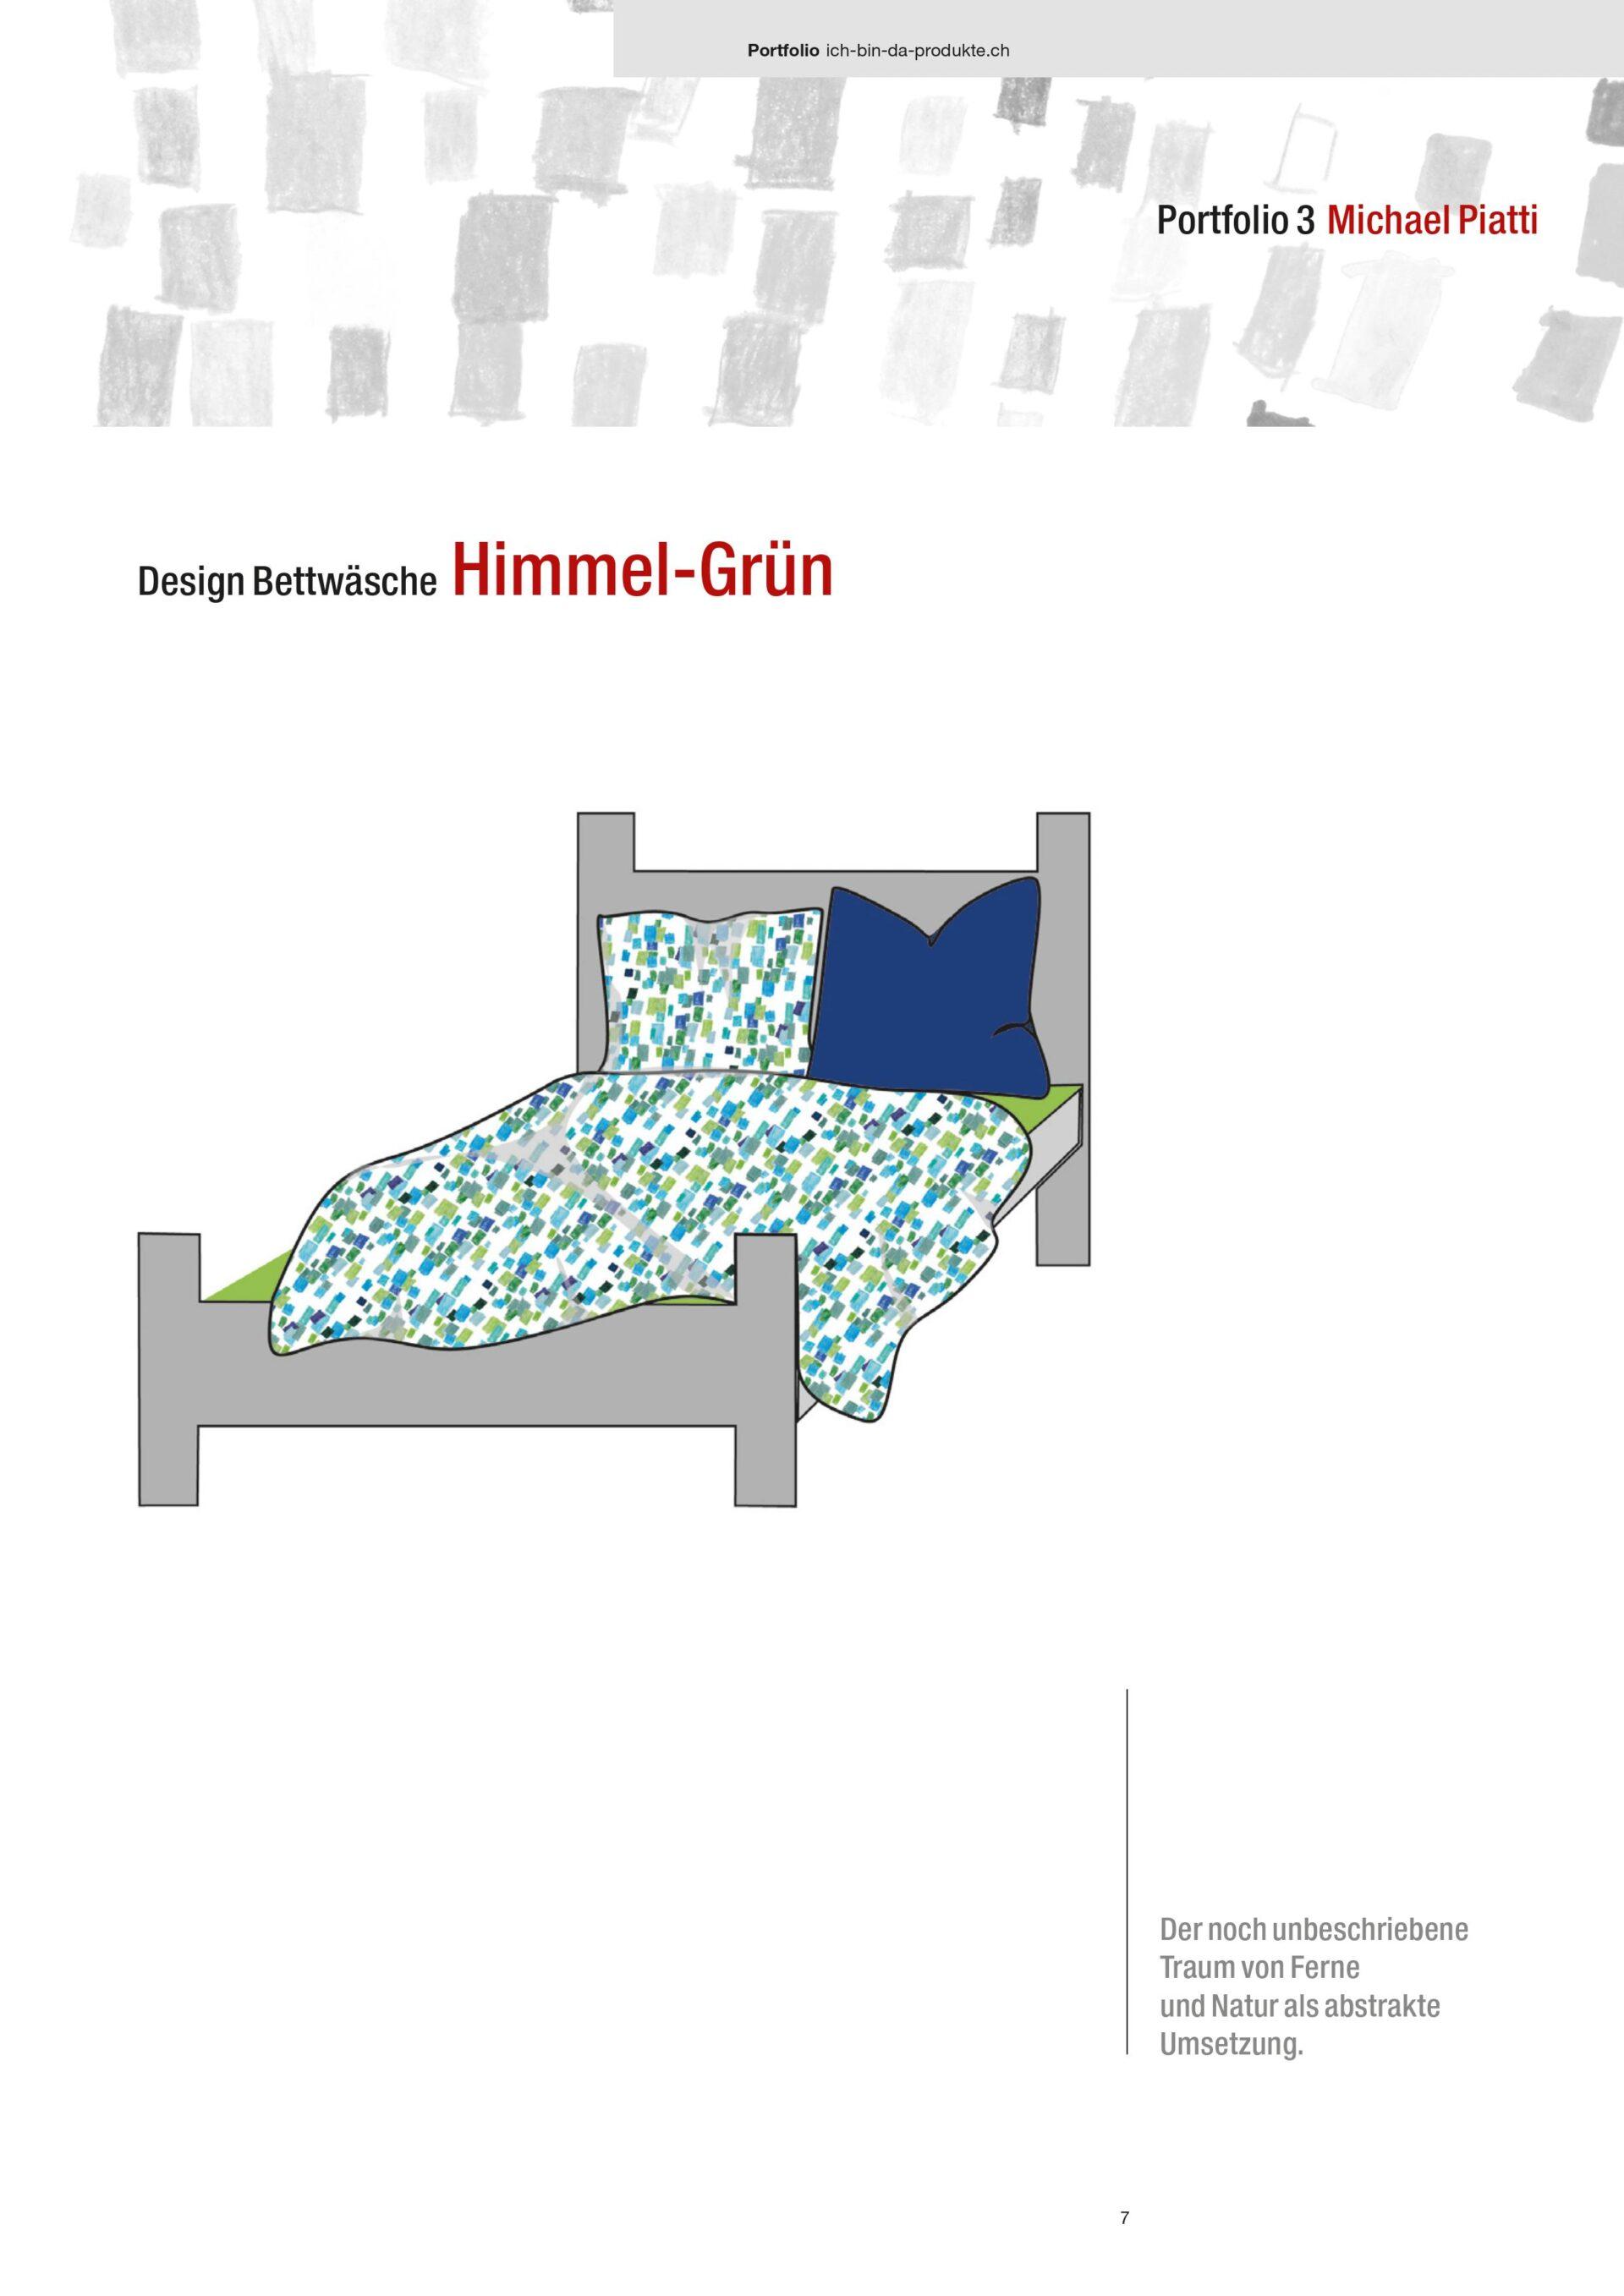 textildesign-menschen-mit-behinderungen-kunst-art-brut-basel-schweiz-piatti